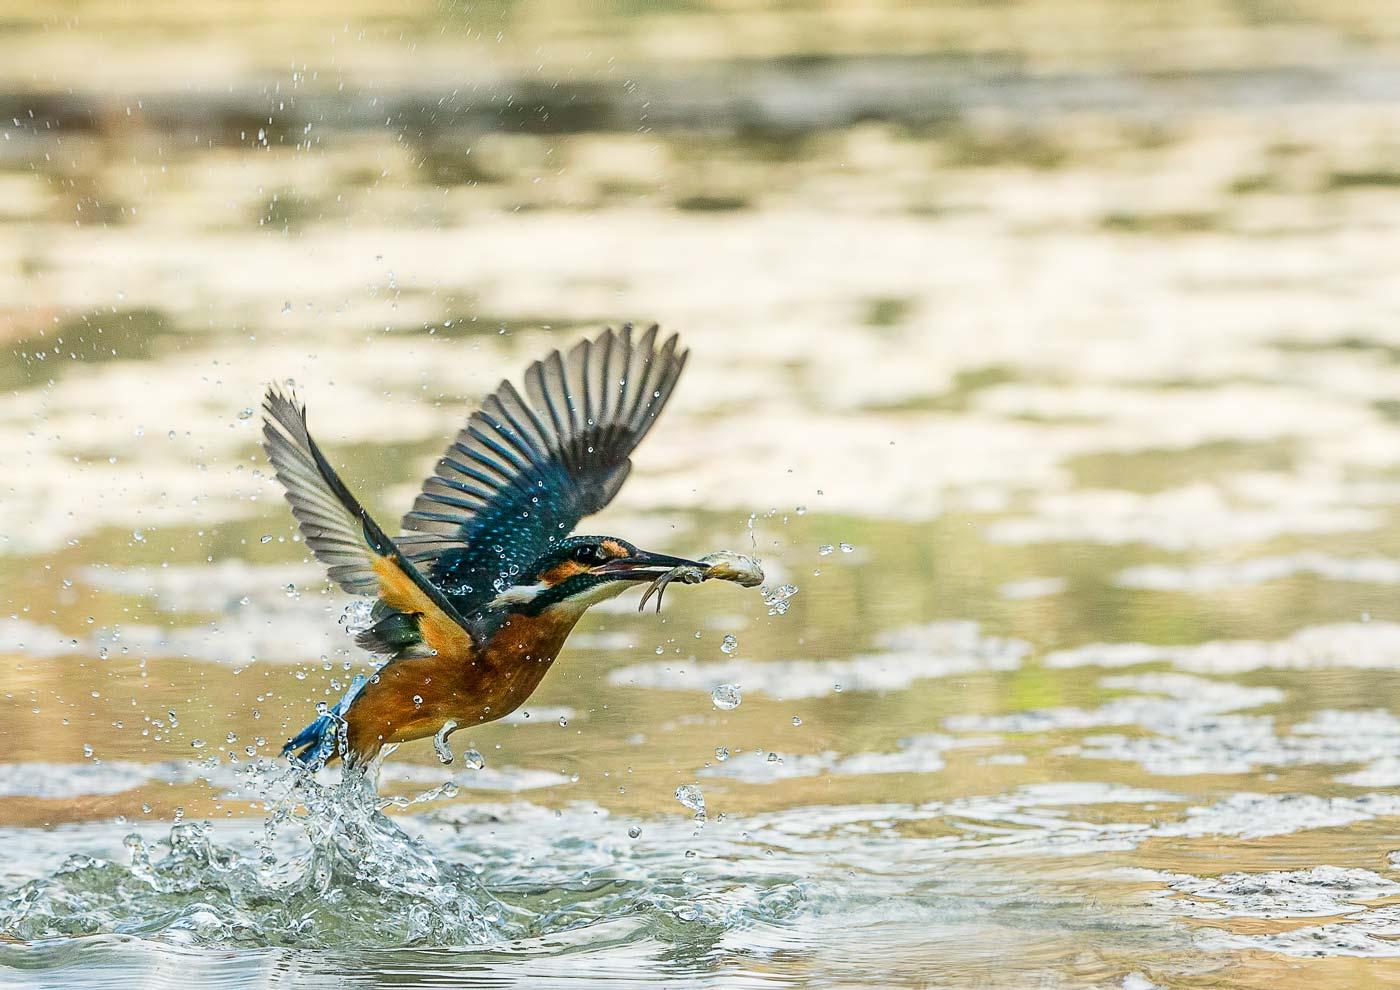 PWP_Kingfisher_AH0R1552A